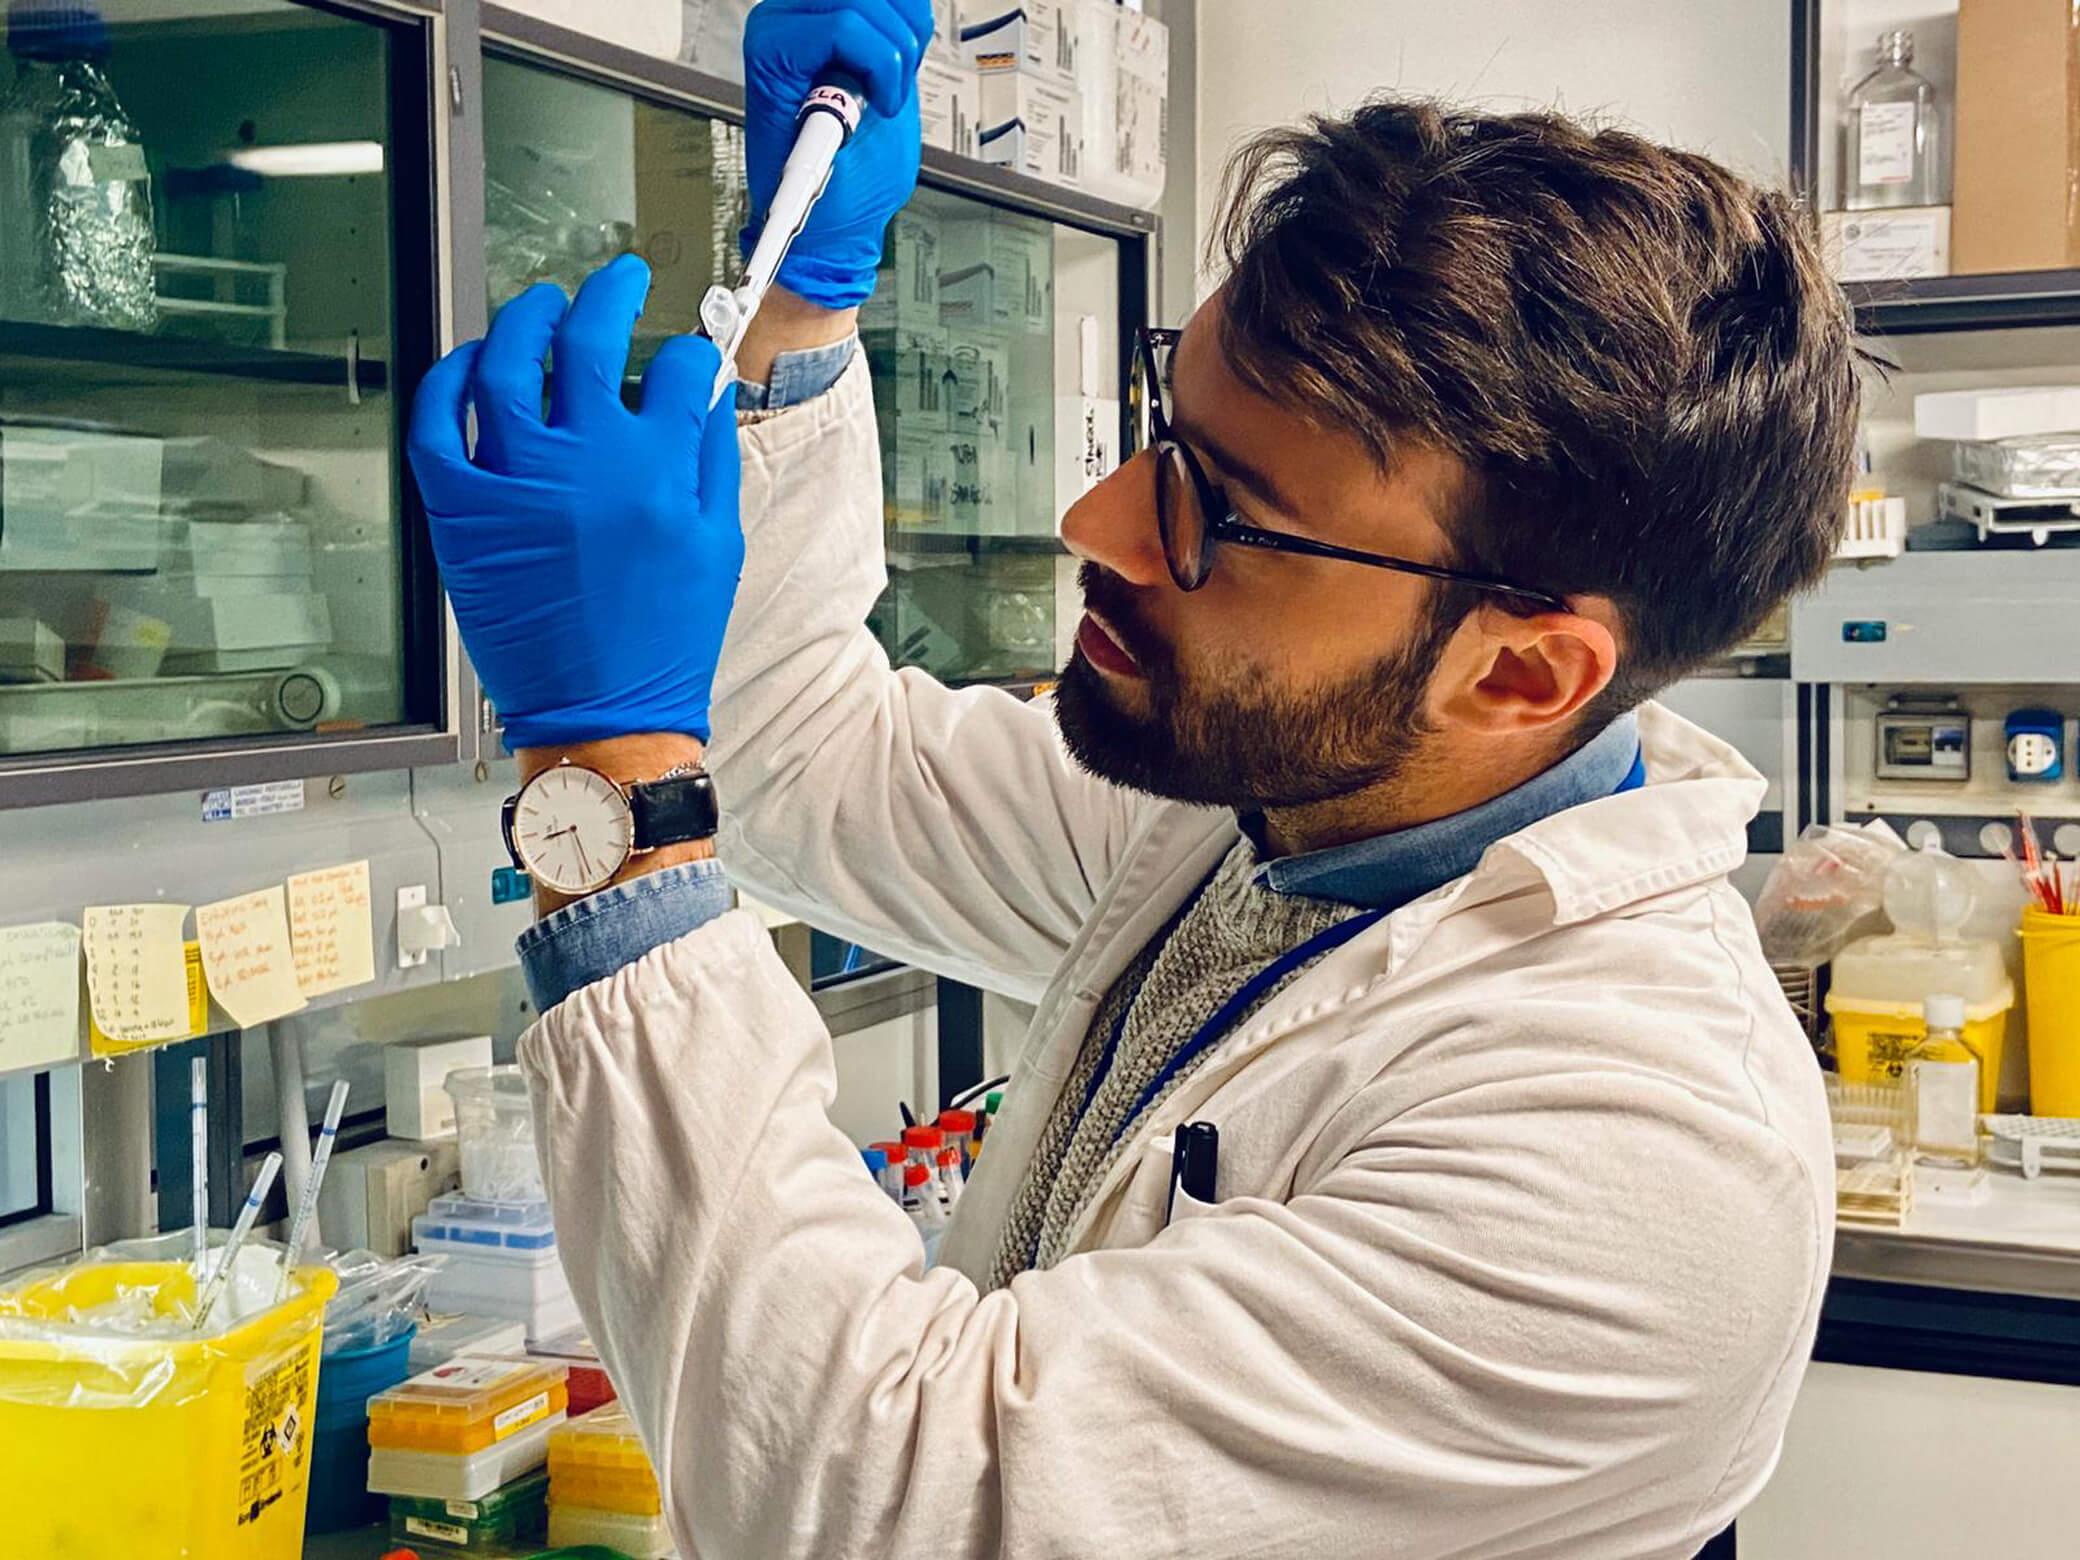 Togliamo-energia-al-tumore-ricercatore-2